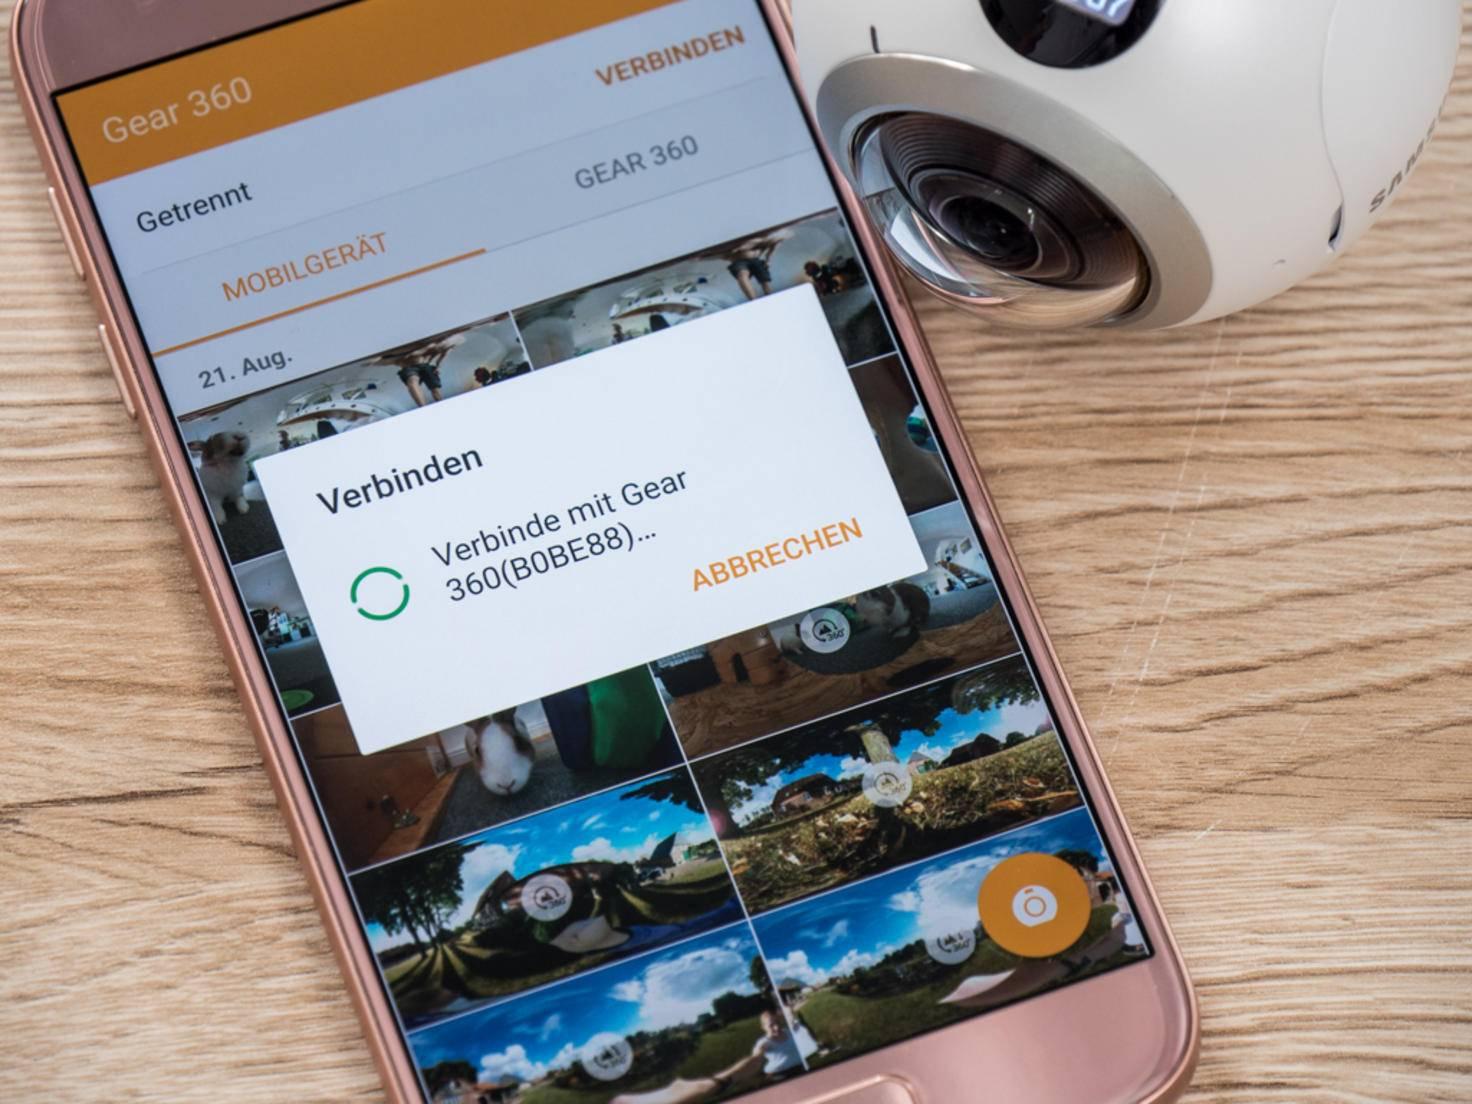 Gear 360 und Galaxy-Handy kommunizieren via App.